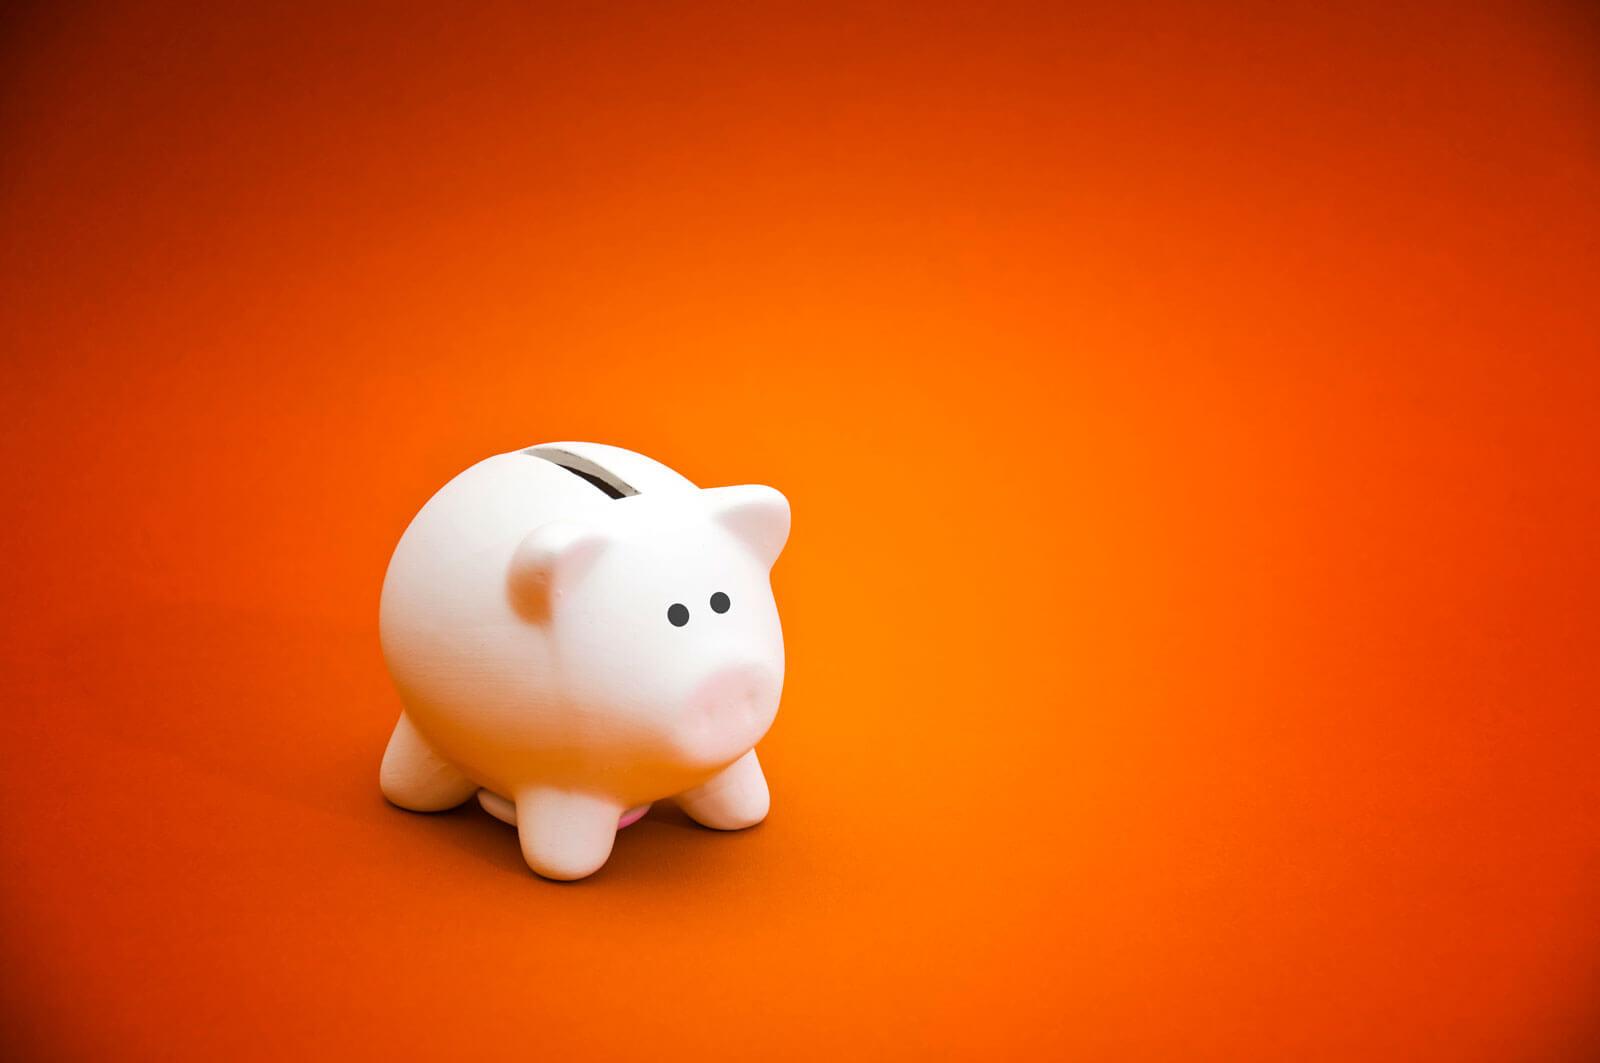 Com a Gestão Inteligente, você pode economizar até 35% nos custos fixos da sua empresa com vale transporte